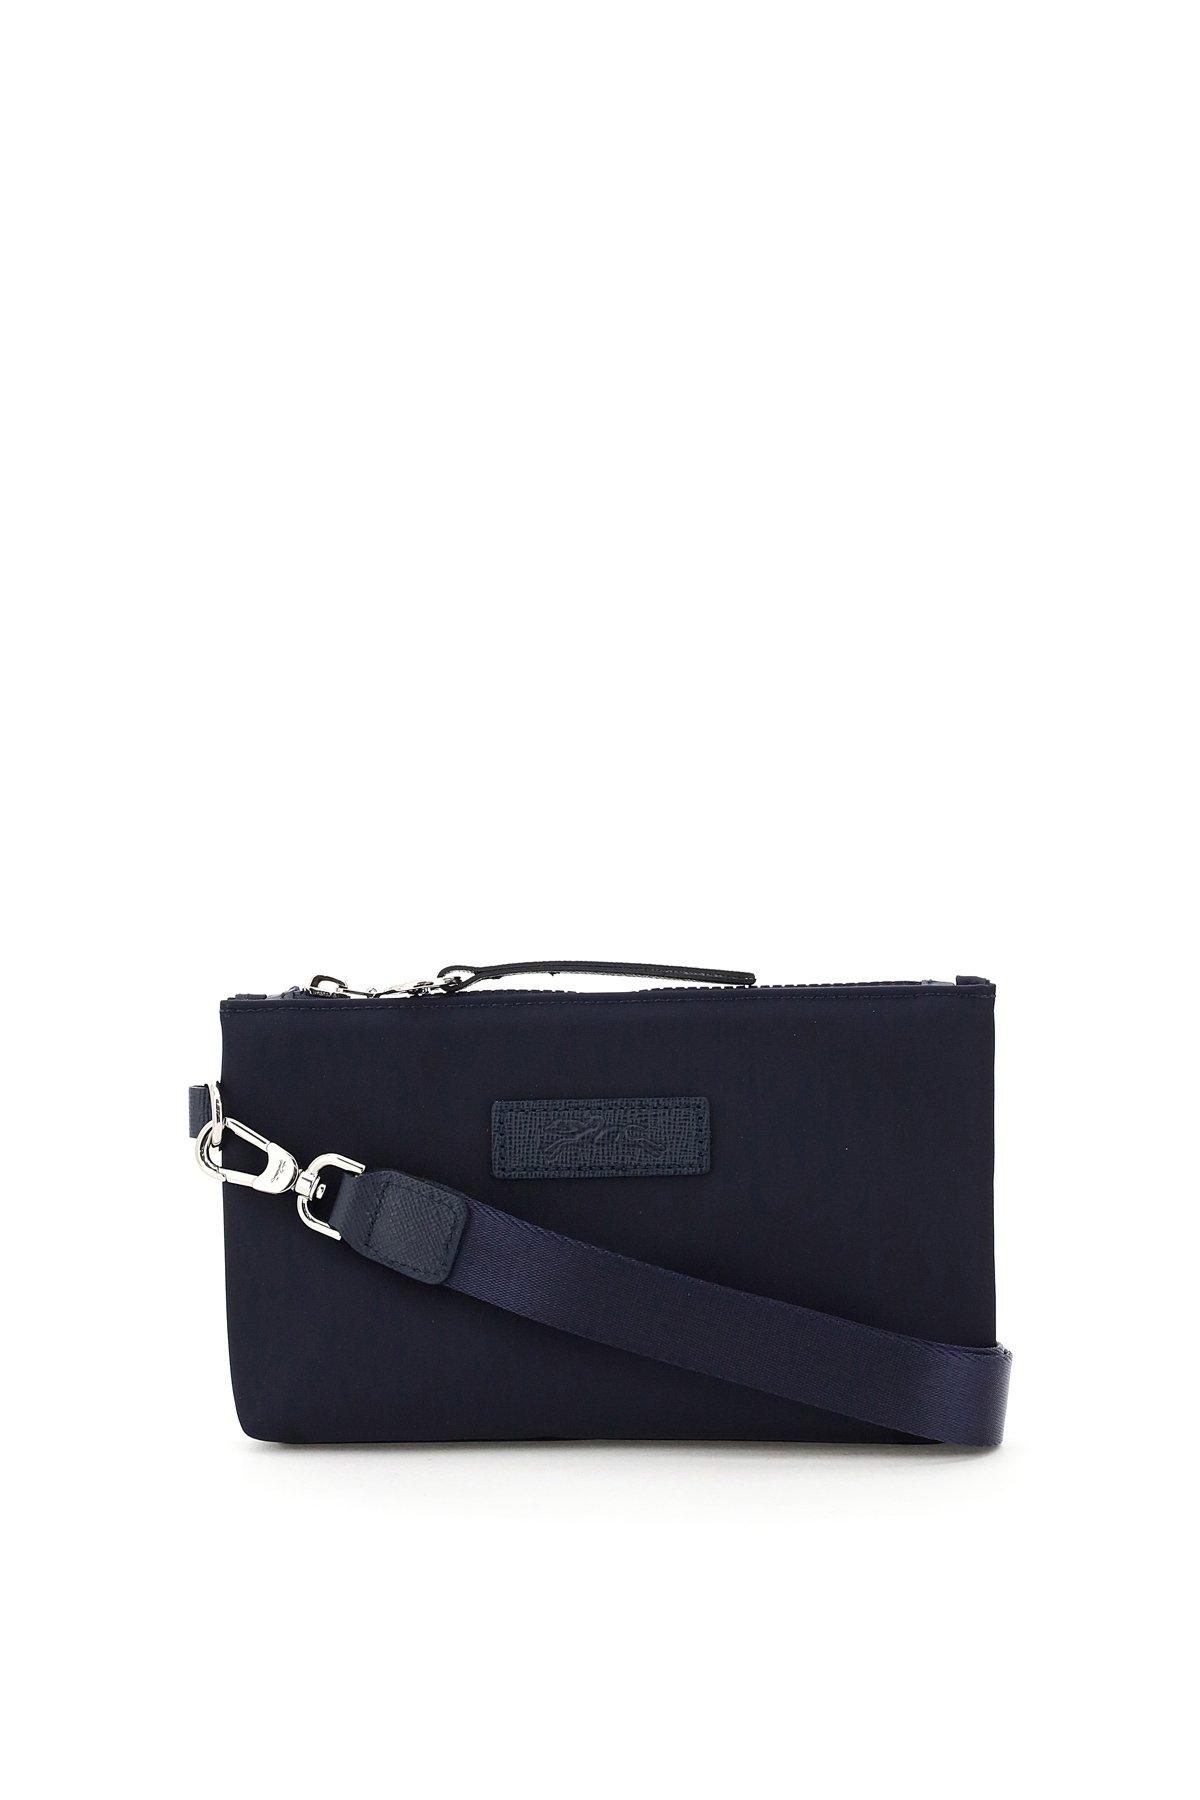 Longchamp pouch con tracolla le pliage neo